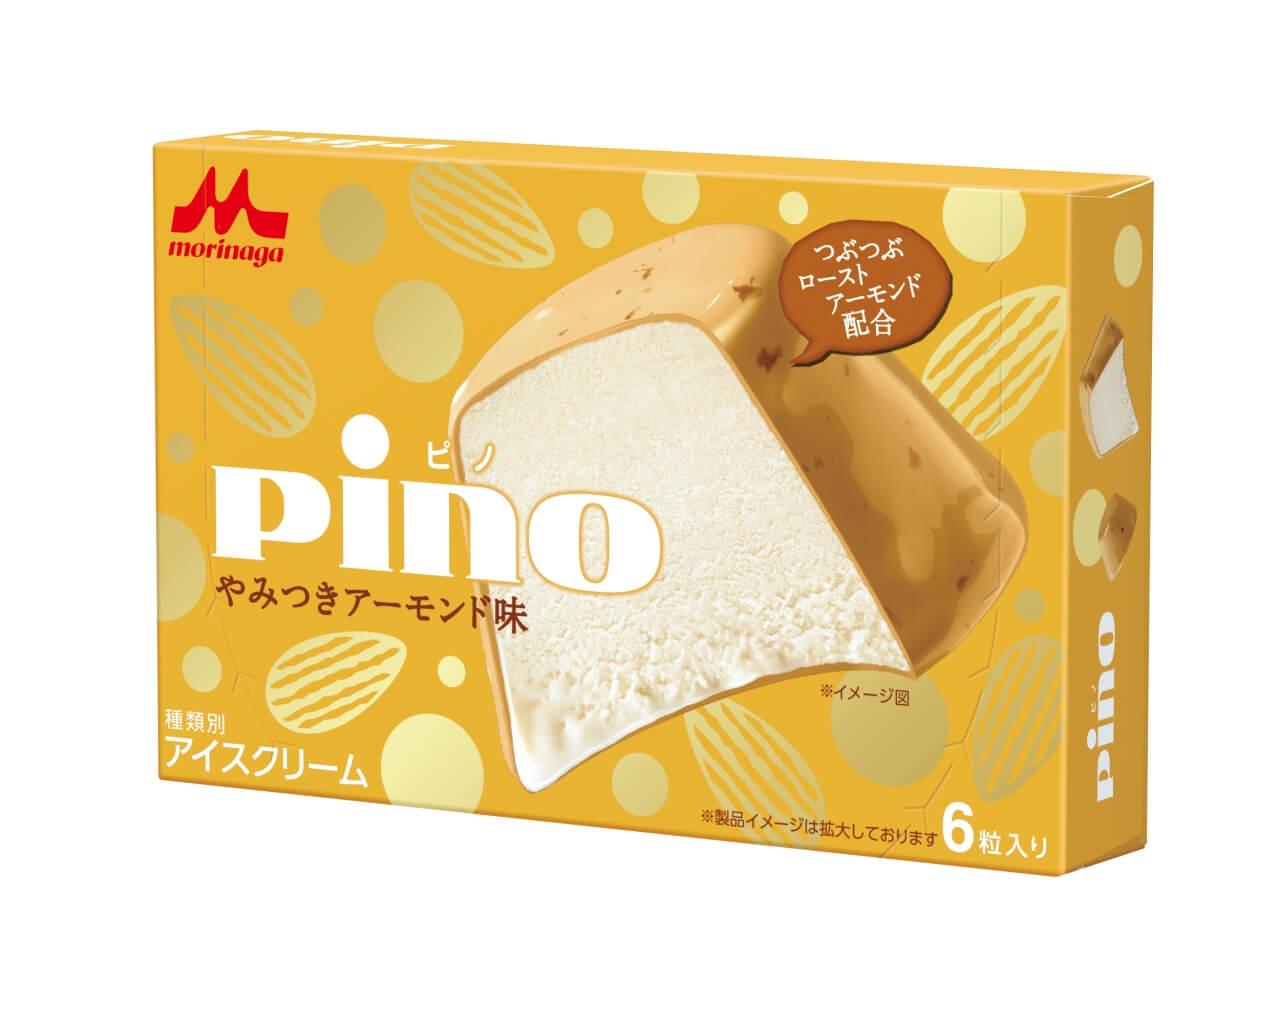 『ピノ やみつきアーモンド味』